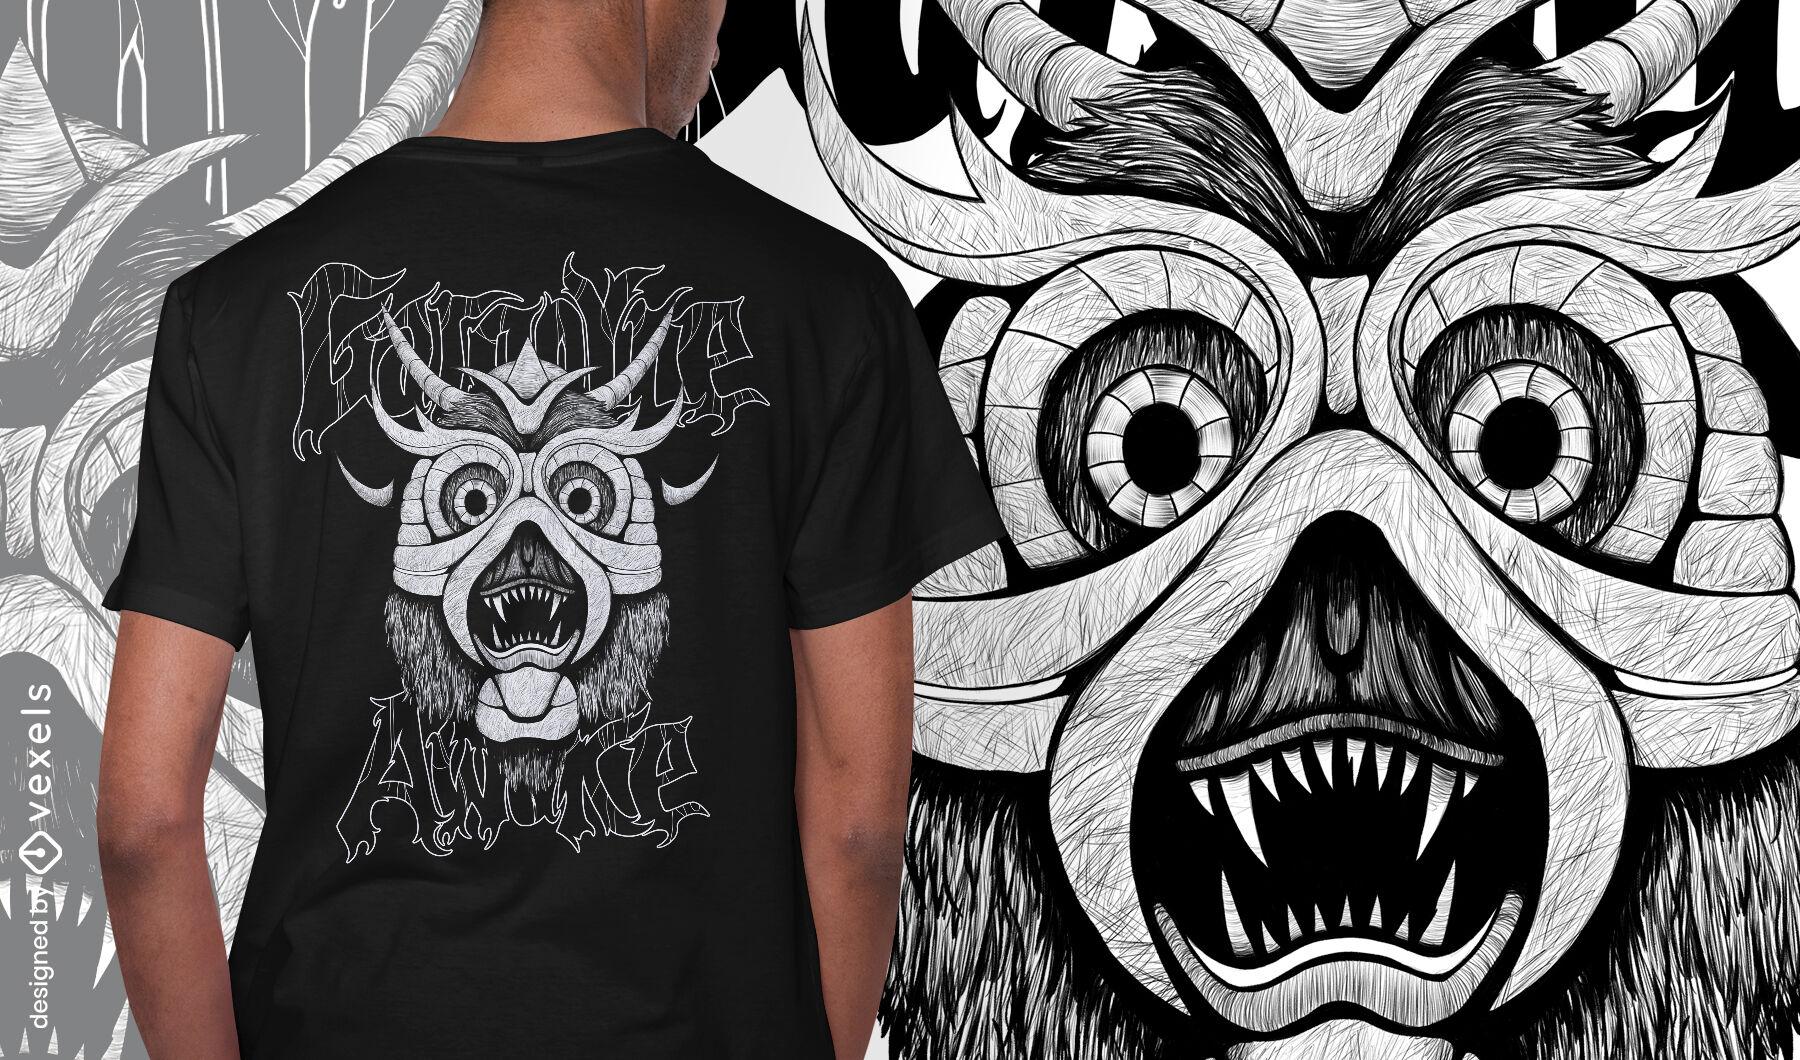 Ancient gargoyle monster hand drawn t-shirt psd